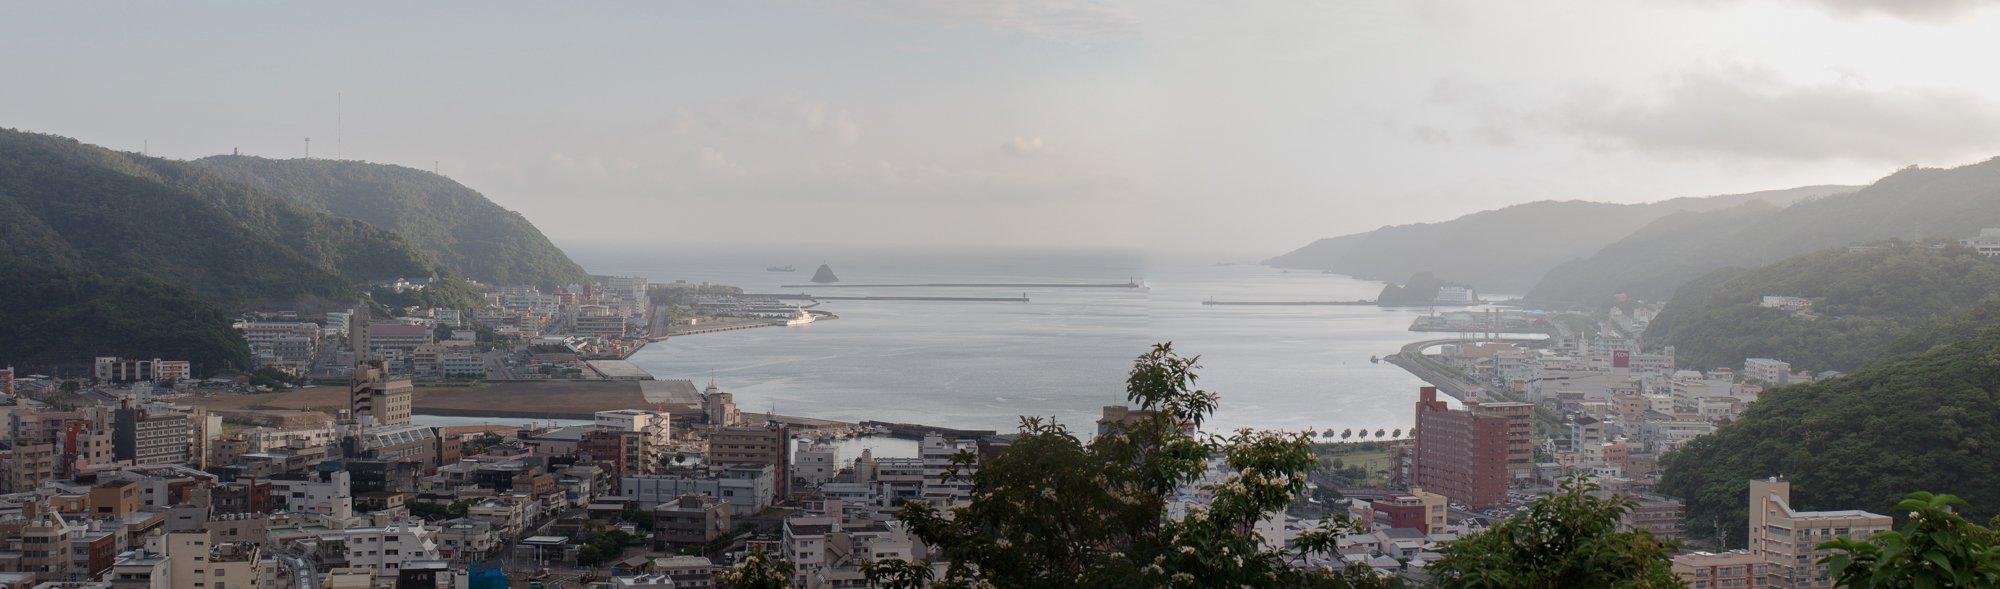 三枚の写真の合成パノラマです。展望広場から市街を望む。